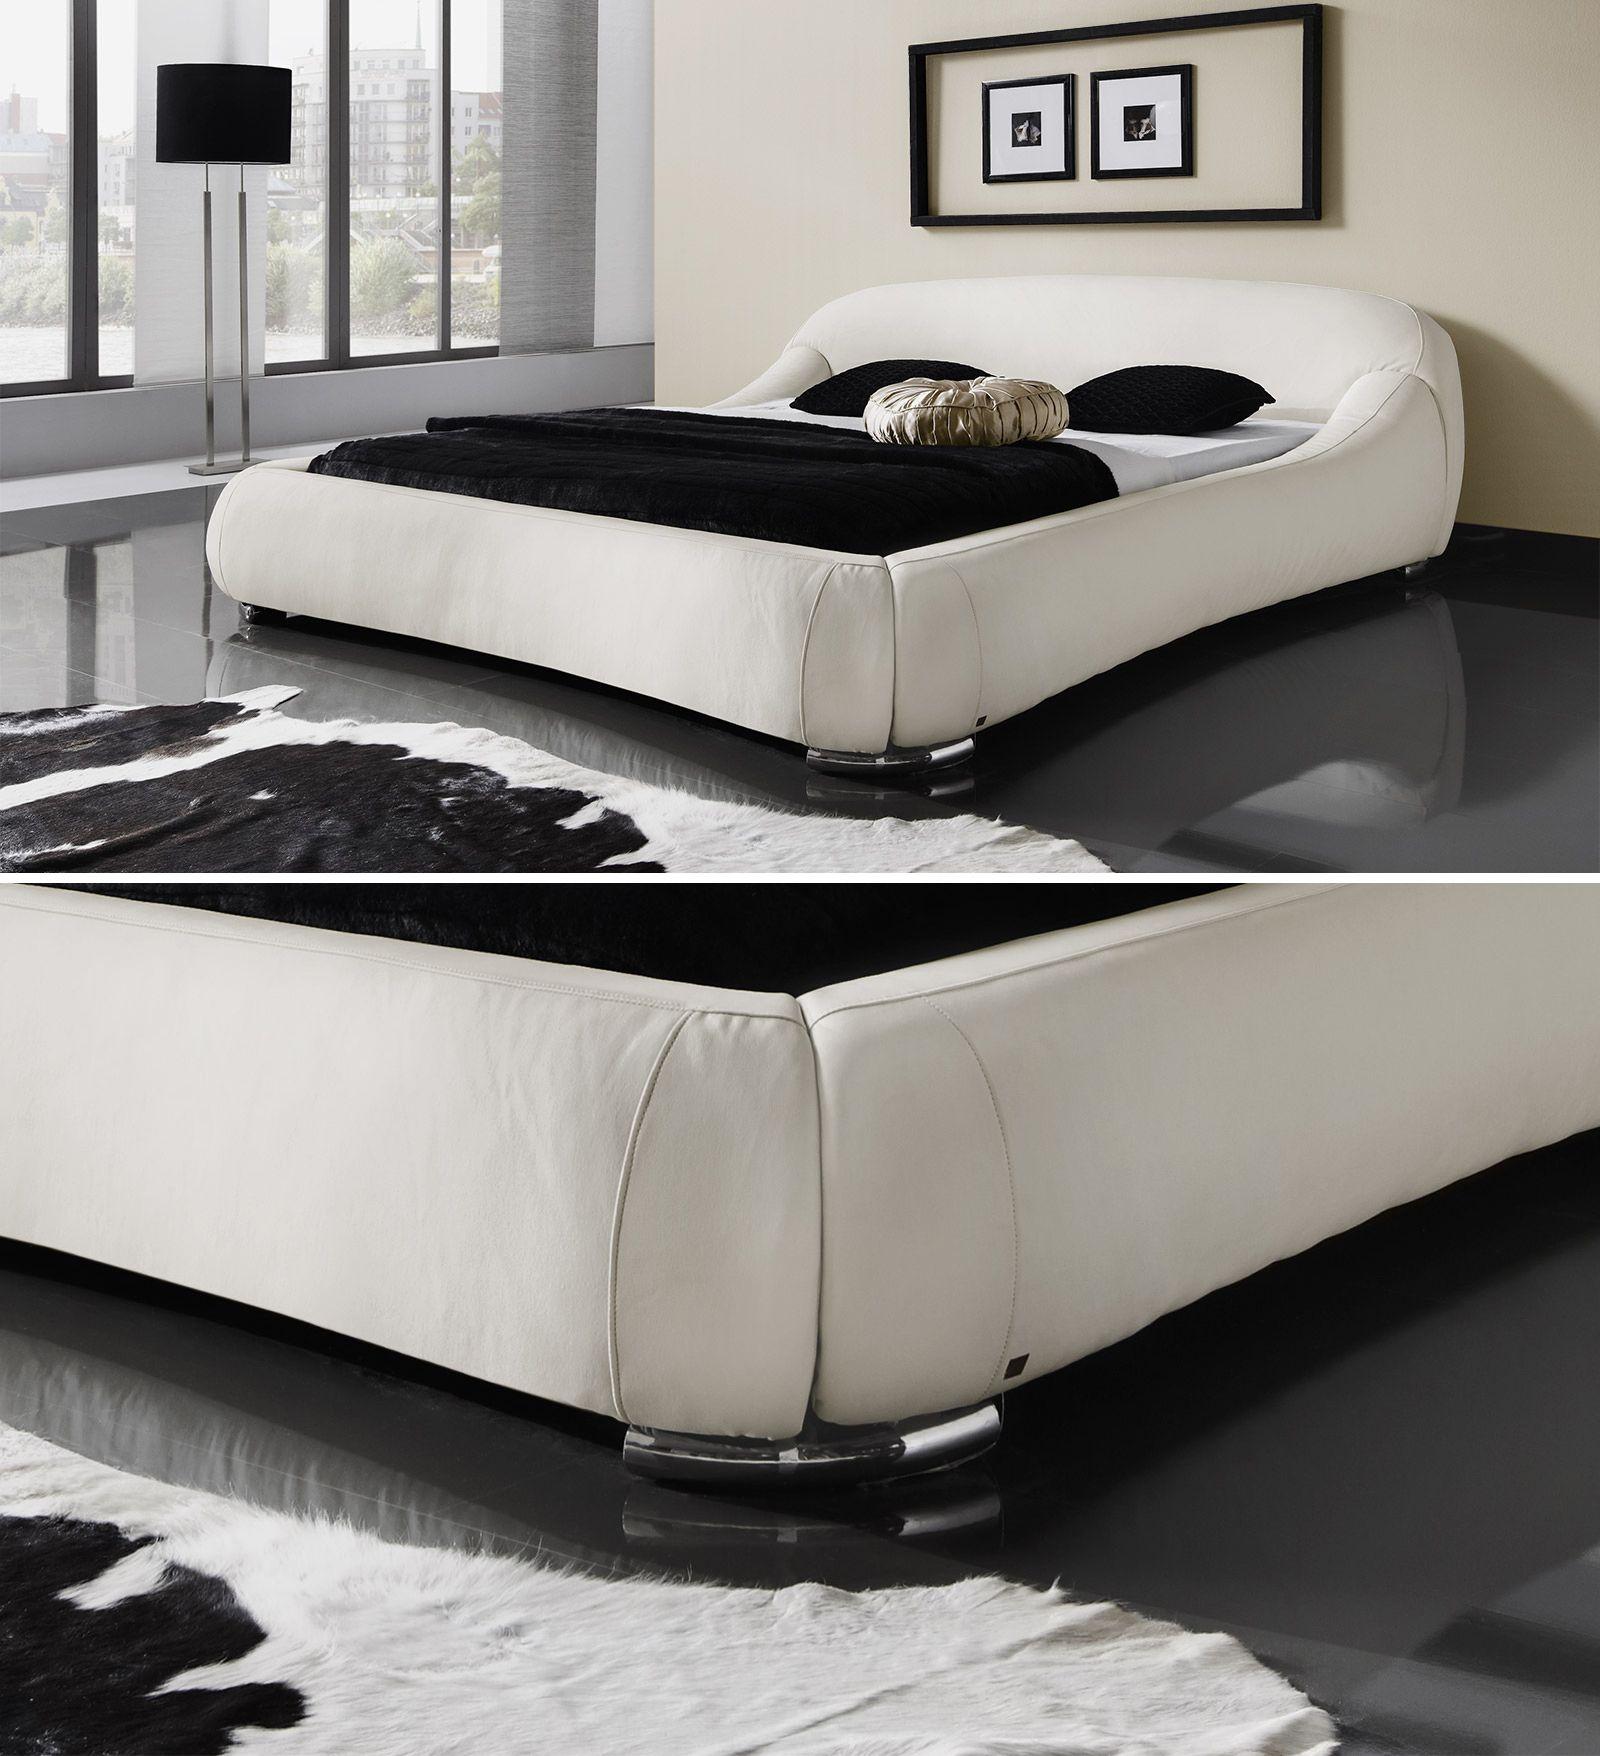 Moderne Polsterbetten futuristisches designerbett exklusiv bei betten de erhältlich